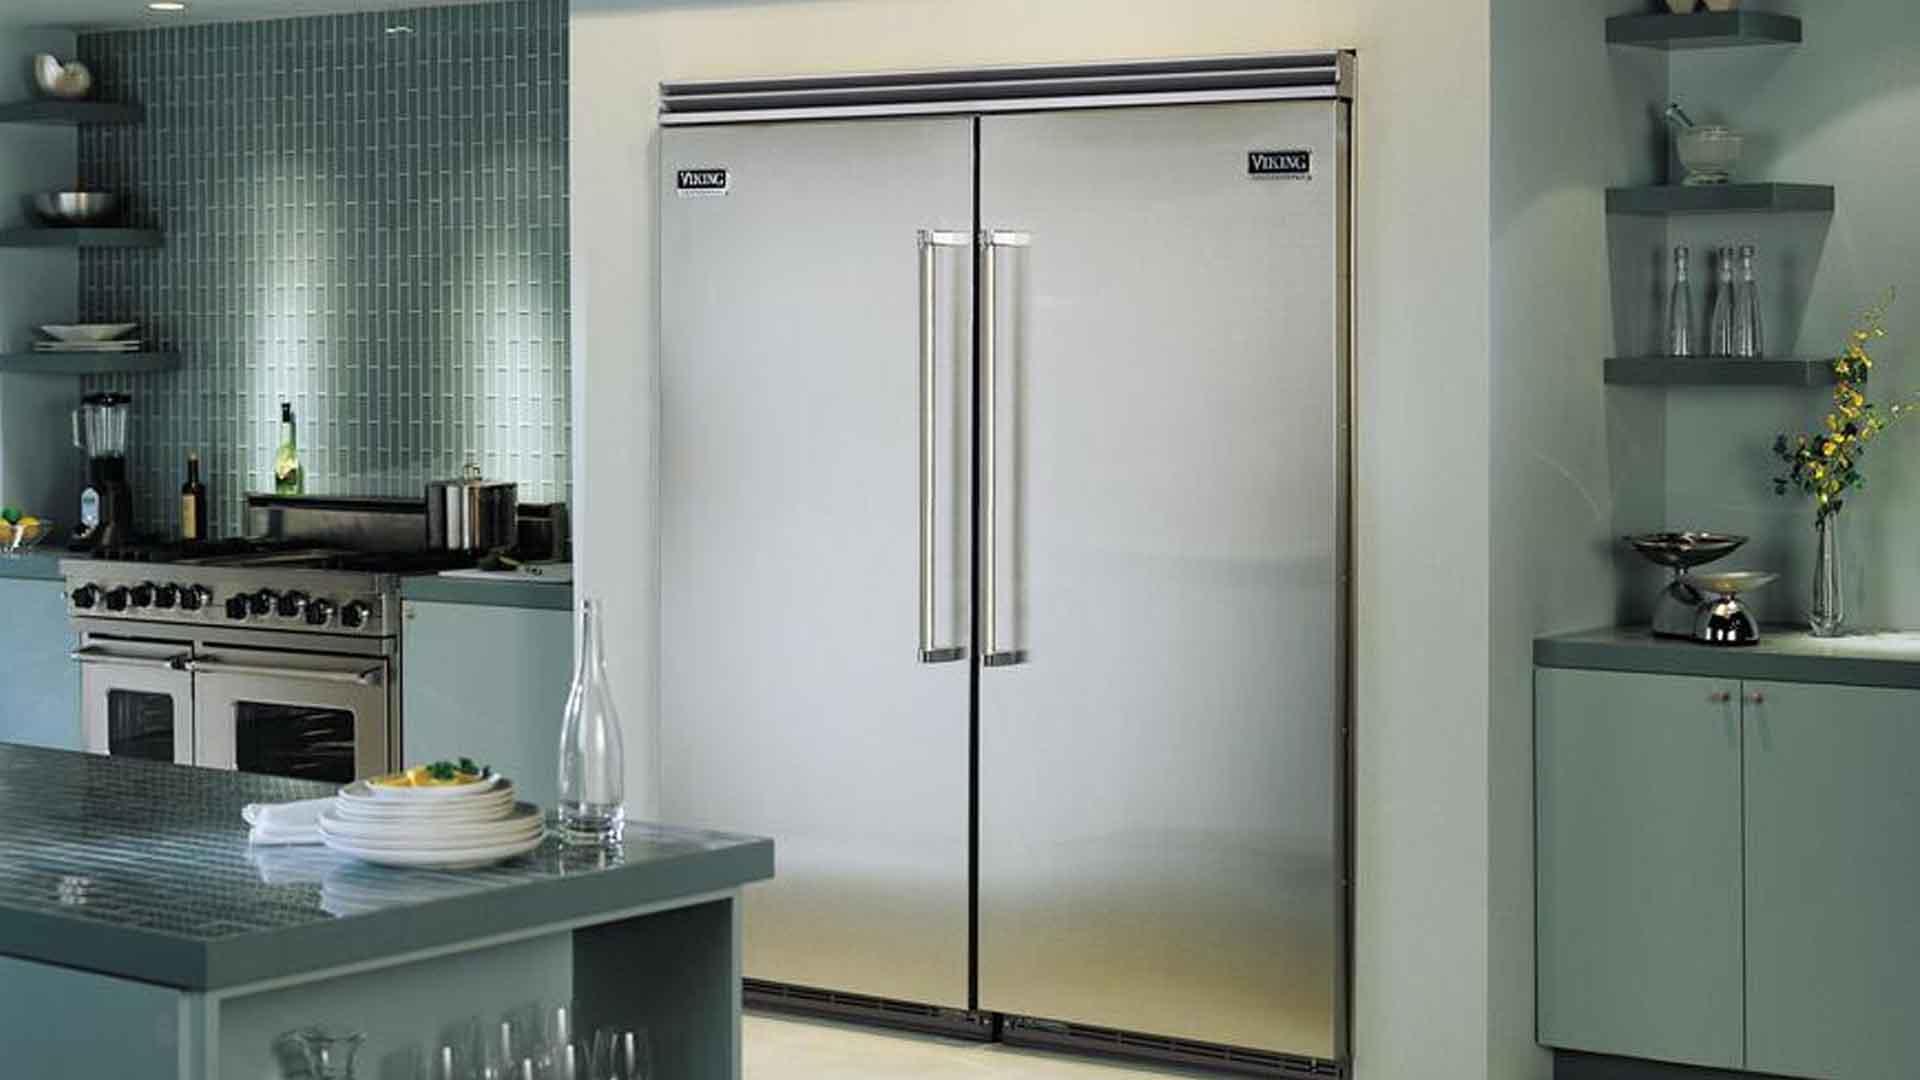 Viking Built-In All Freezer Refrigerator Repair Service | Viking Appliance Repairs